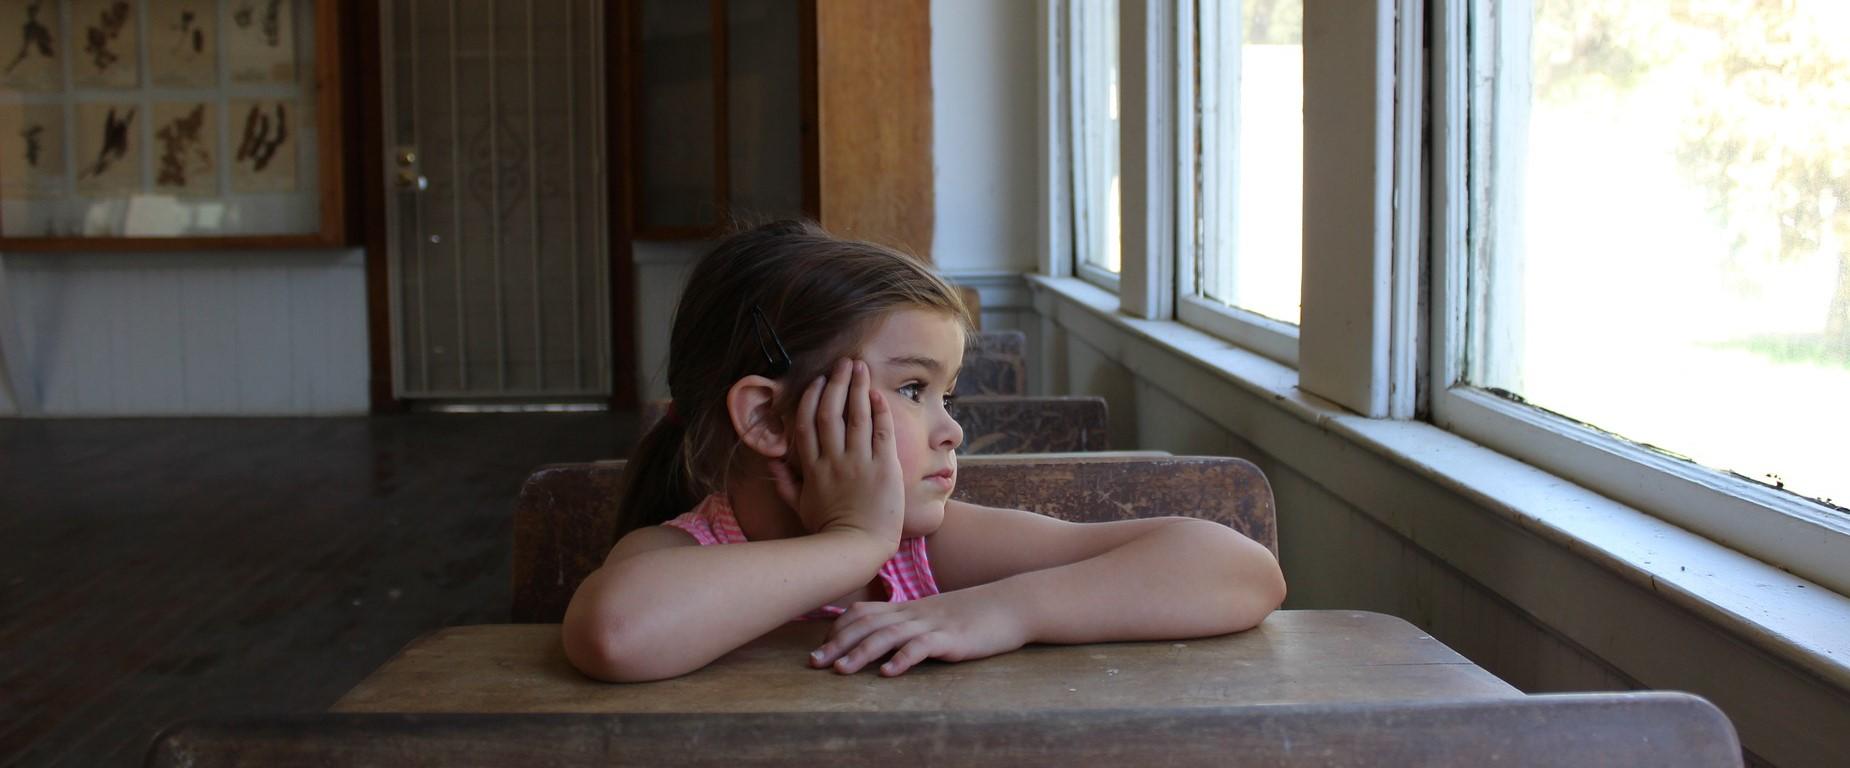 Pieni tyttö istuu koulussa pulpetissa ja katsoo ulos ikkunasta.